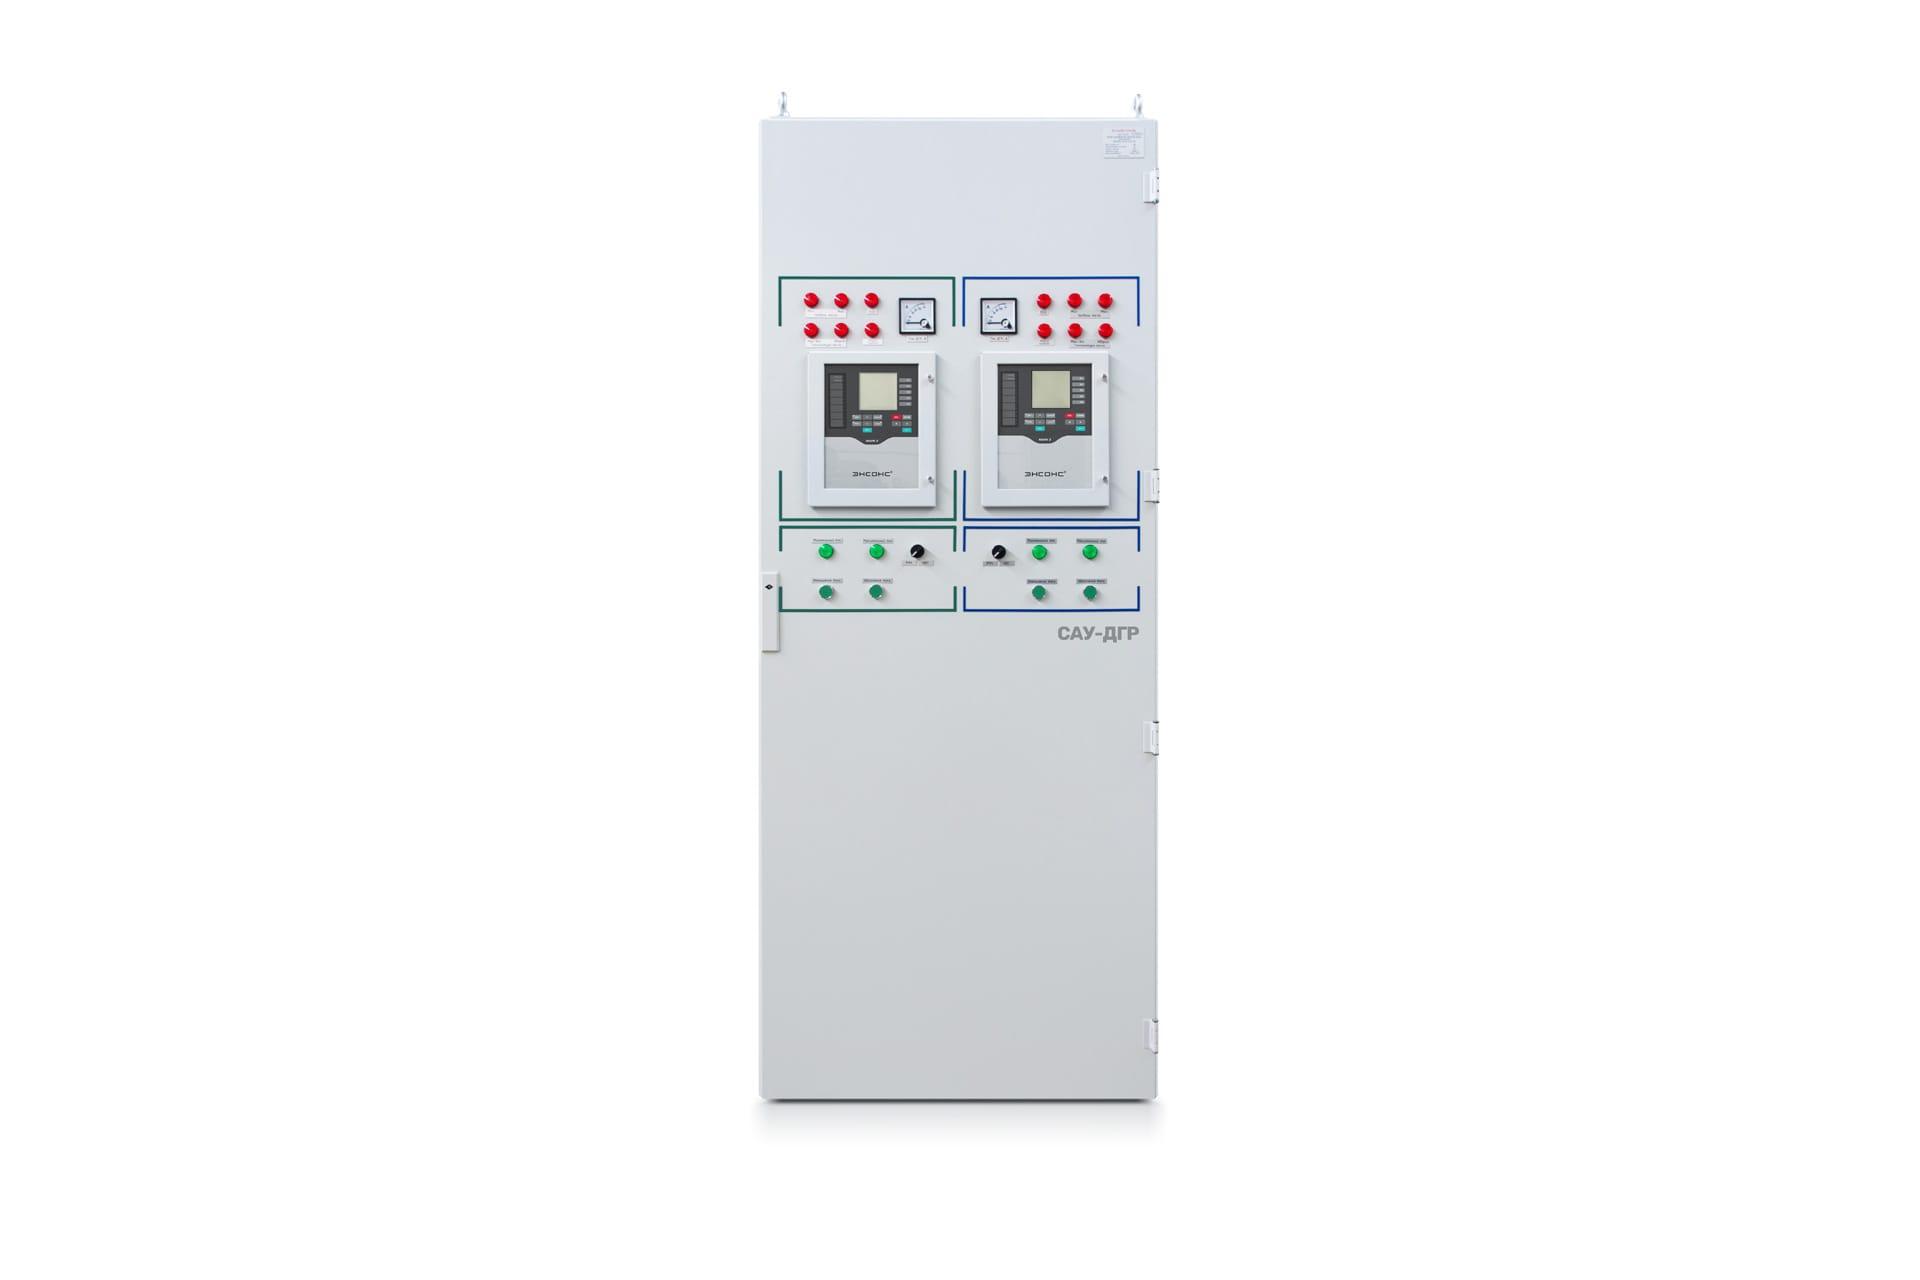 Ensons - Напольный шкаф. 2 модуля автоматического управления.